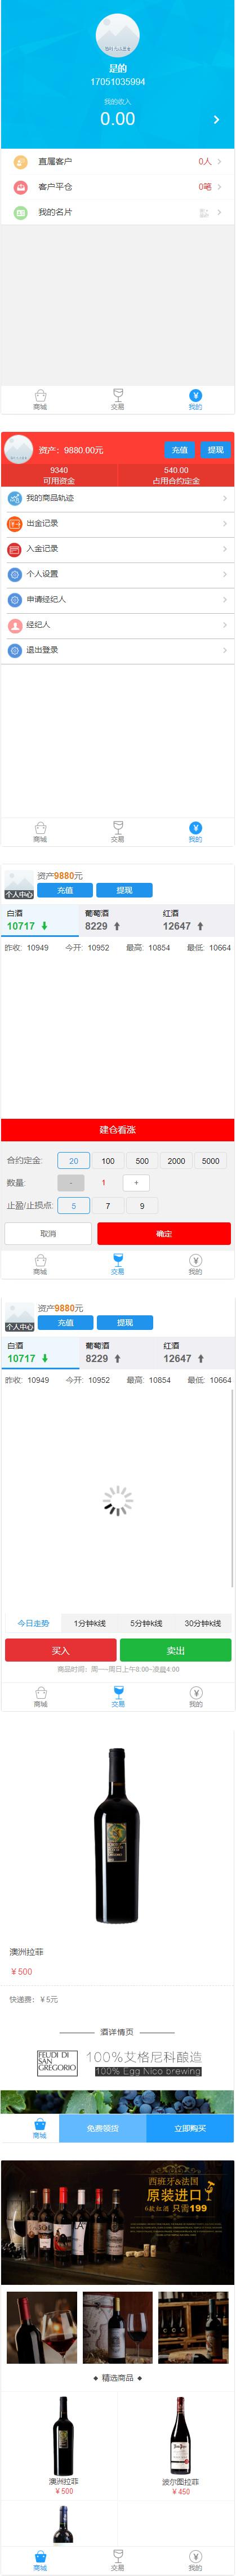 最新首发老爷车yii点位盘乐酒商城系统微盘源码+完整数据 第2张